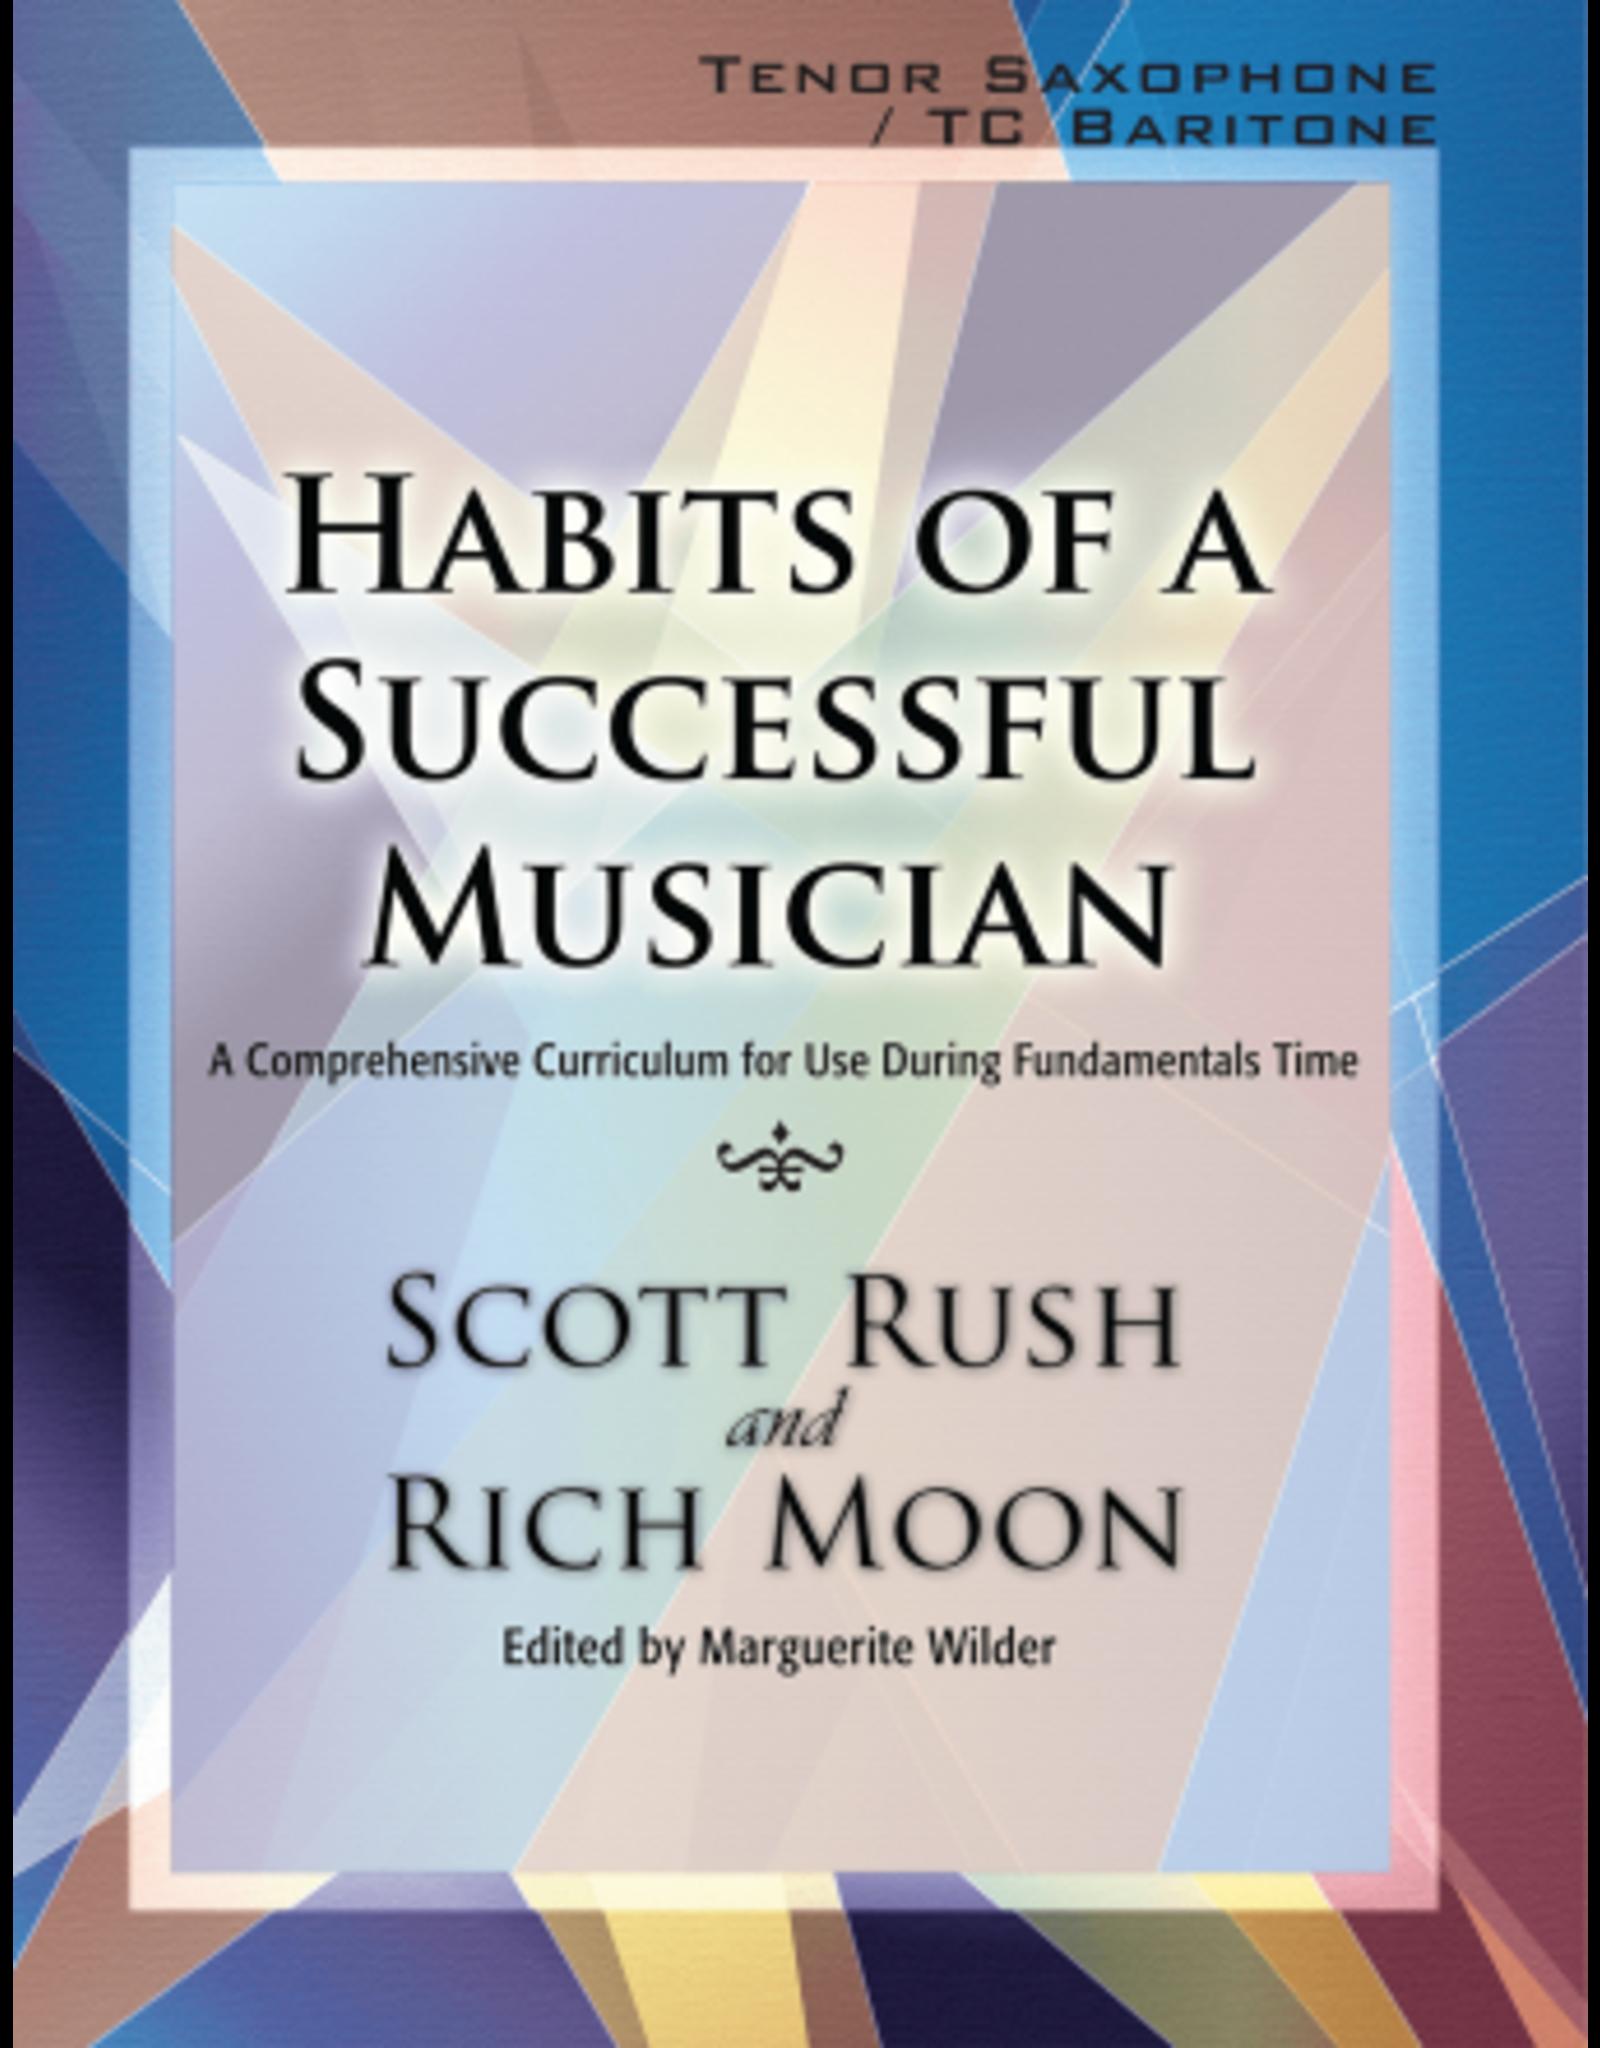 GIA Publications Habits of a Successful Musician Tenor Sax/T.C. Baritone